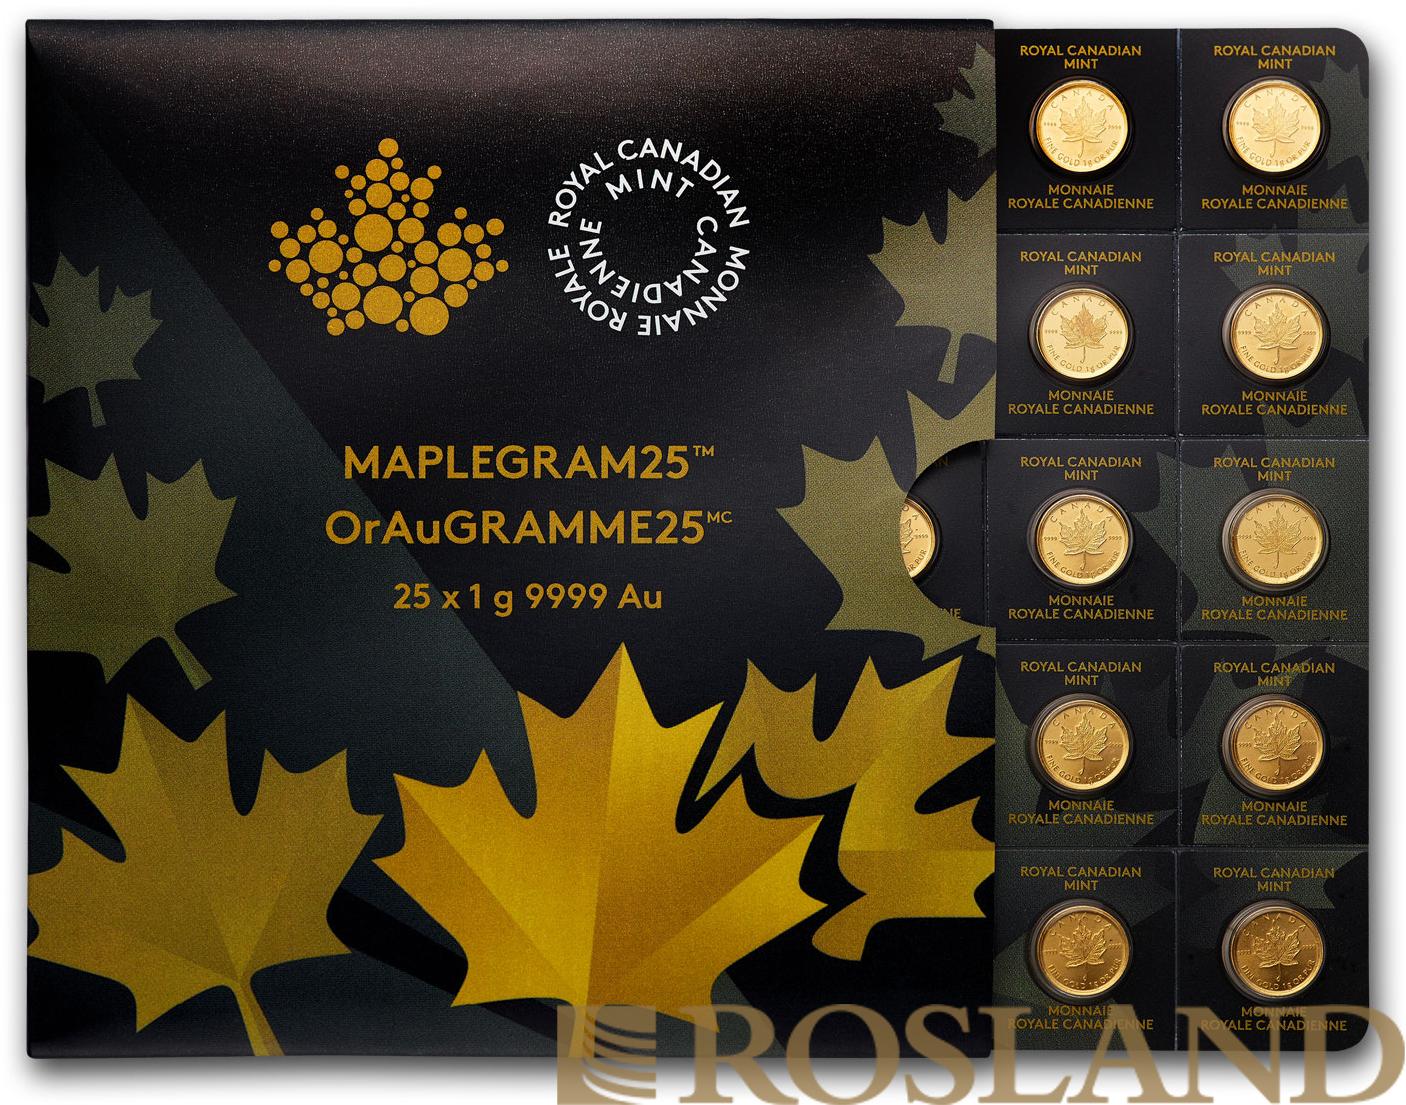 25x1 Gramm Goldmünze Maple Leaf 2014 (Maplegram25™)